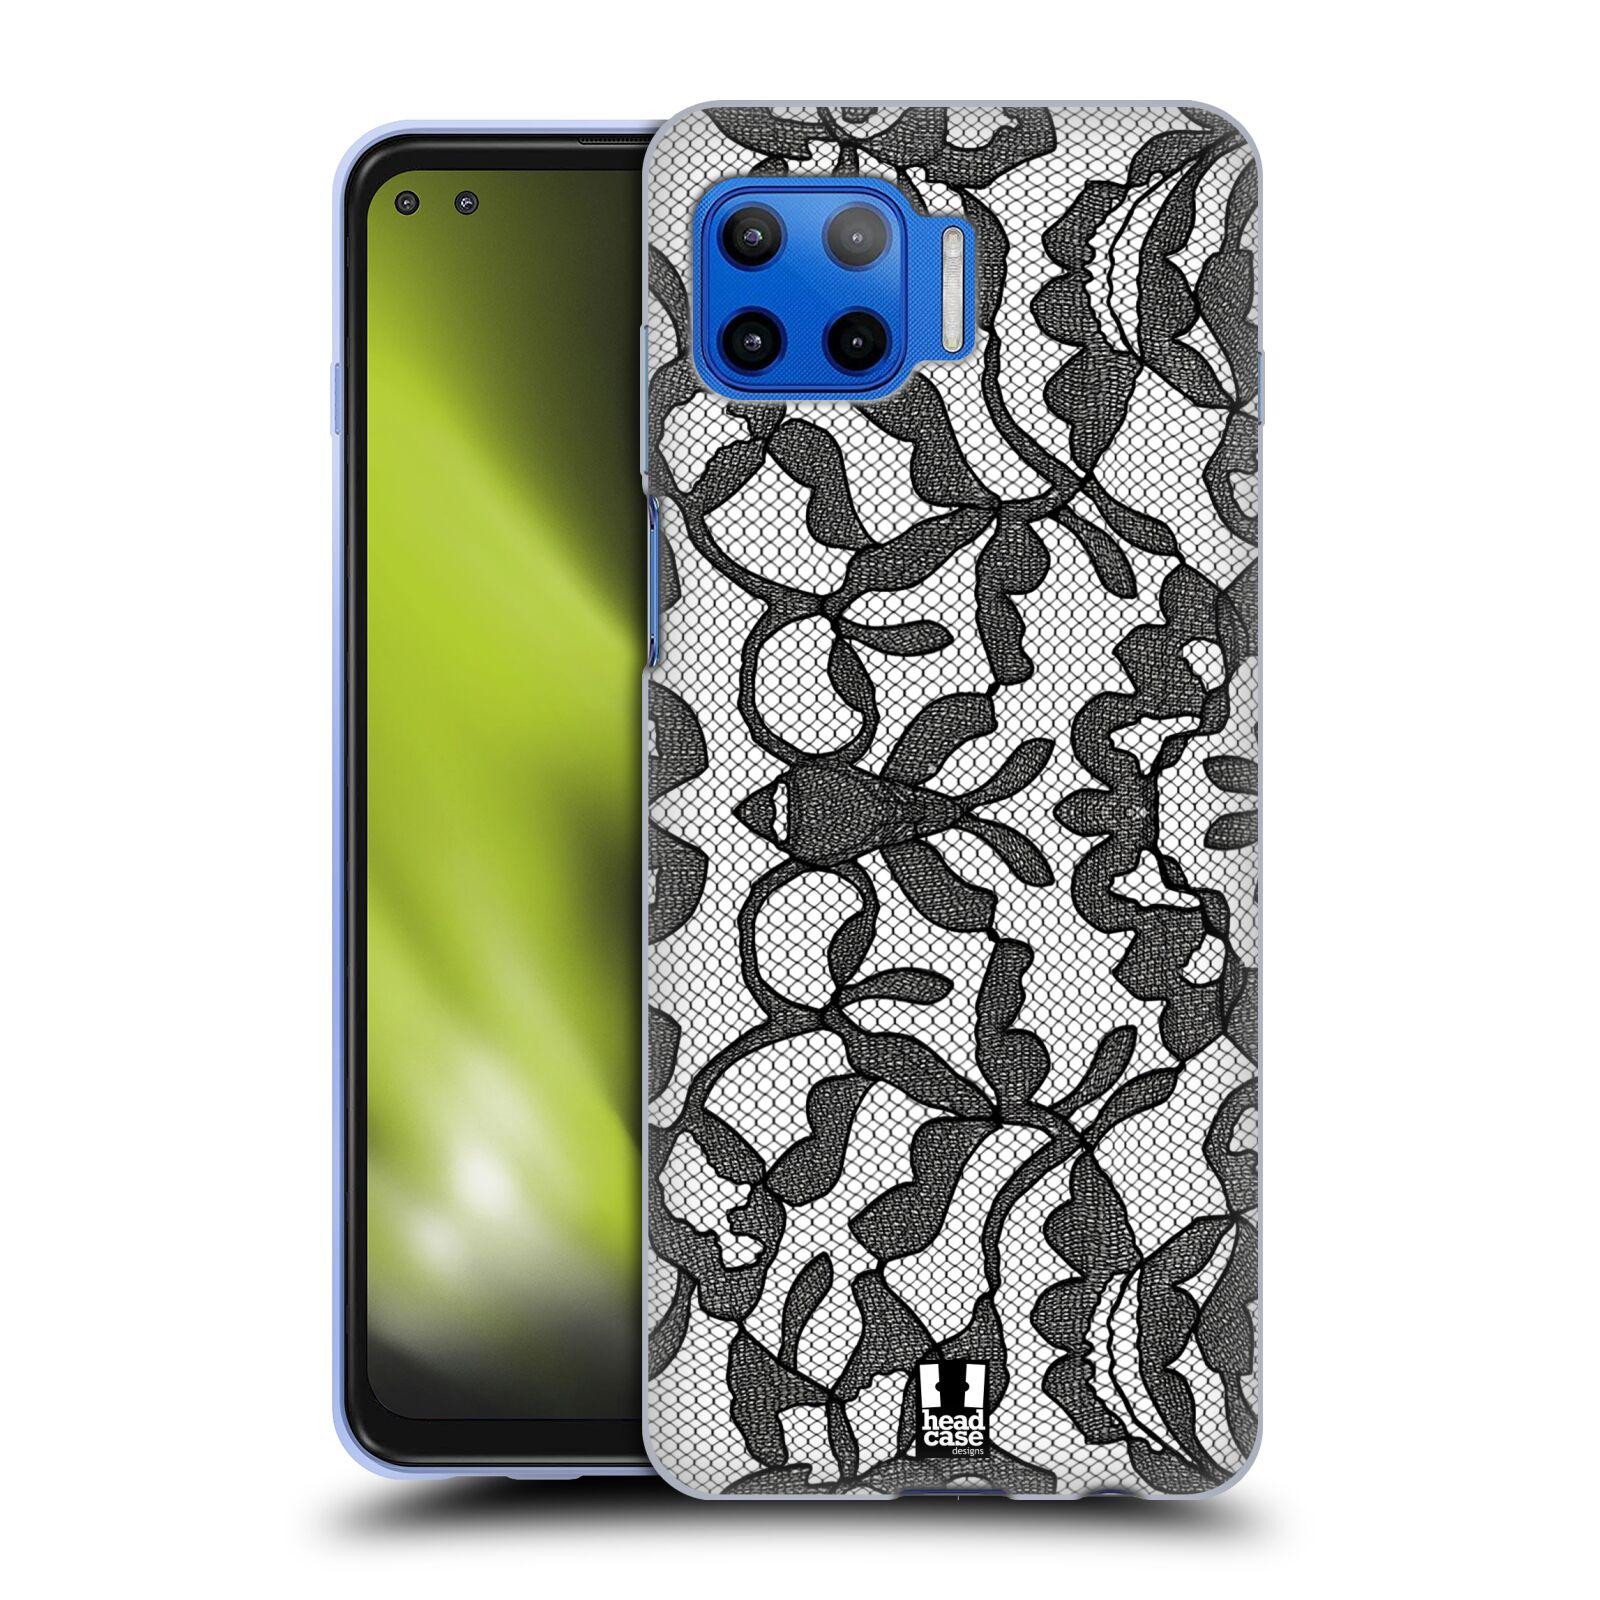 Silikonové pouzdro na mobil Motorola Moto G 5G Plus - Head Case - LEAFY KRAJKA